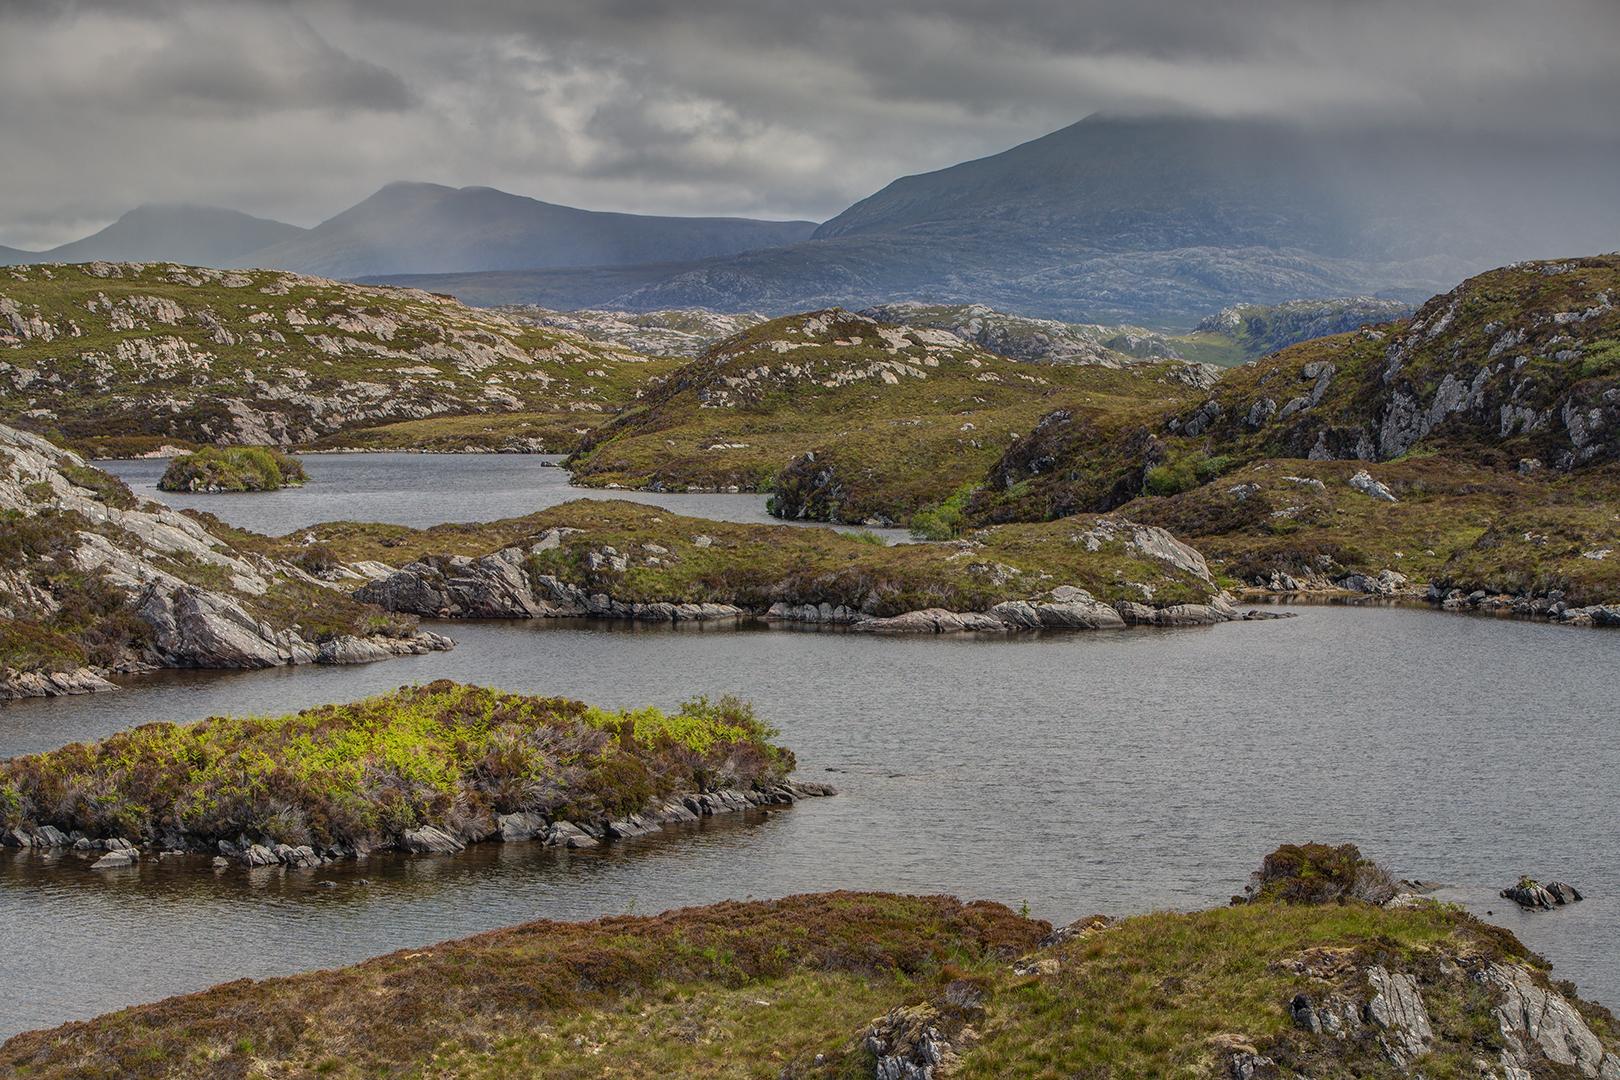 005-7 Loch Dubh 06-06-2009 HDR B_V_1620